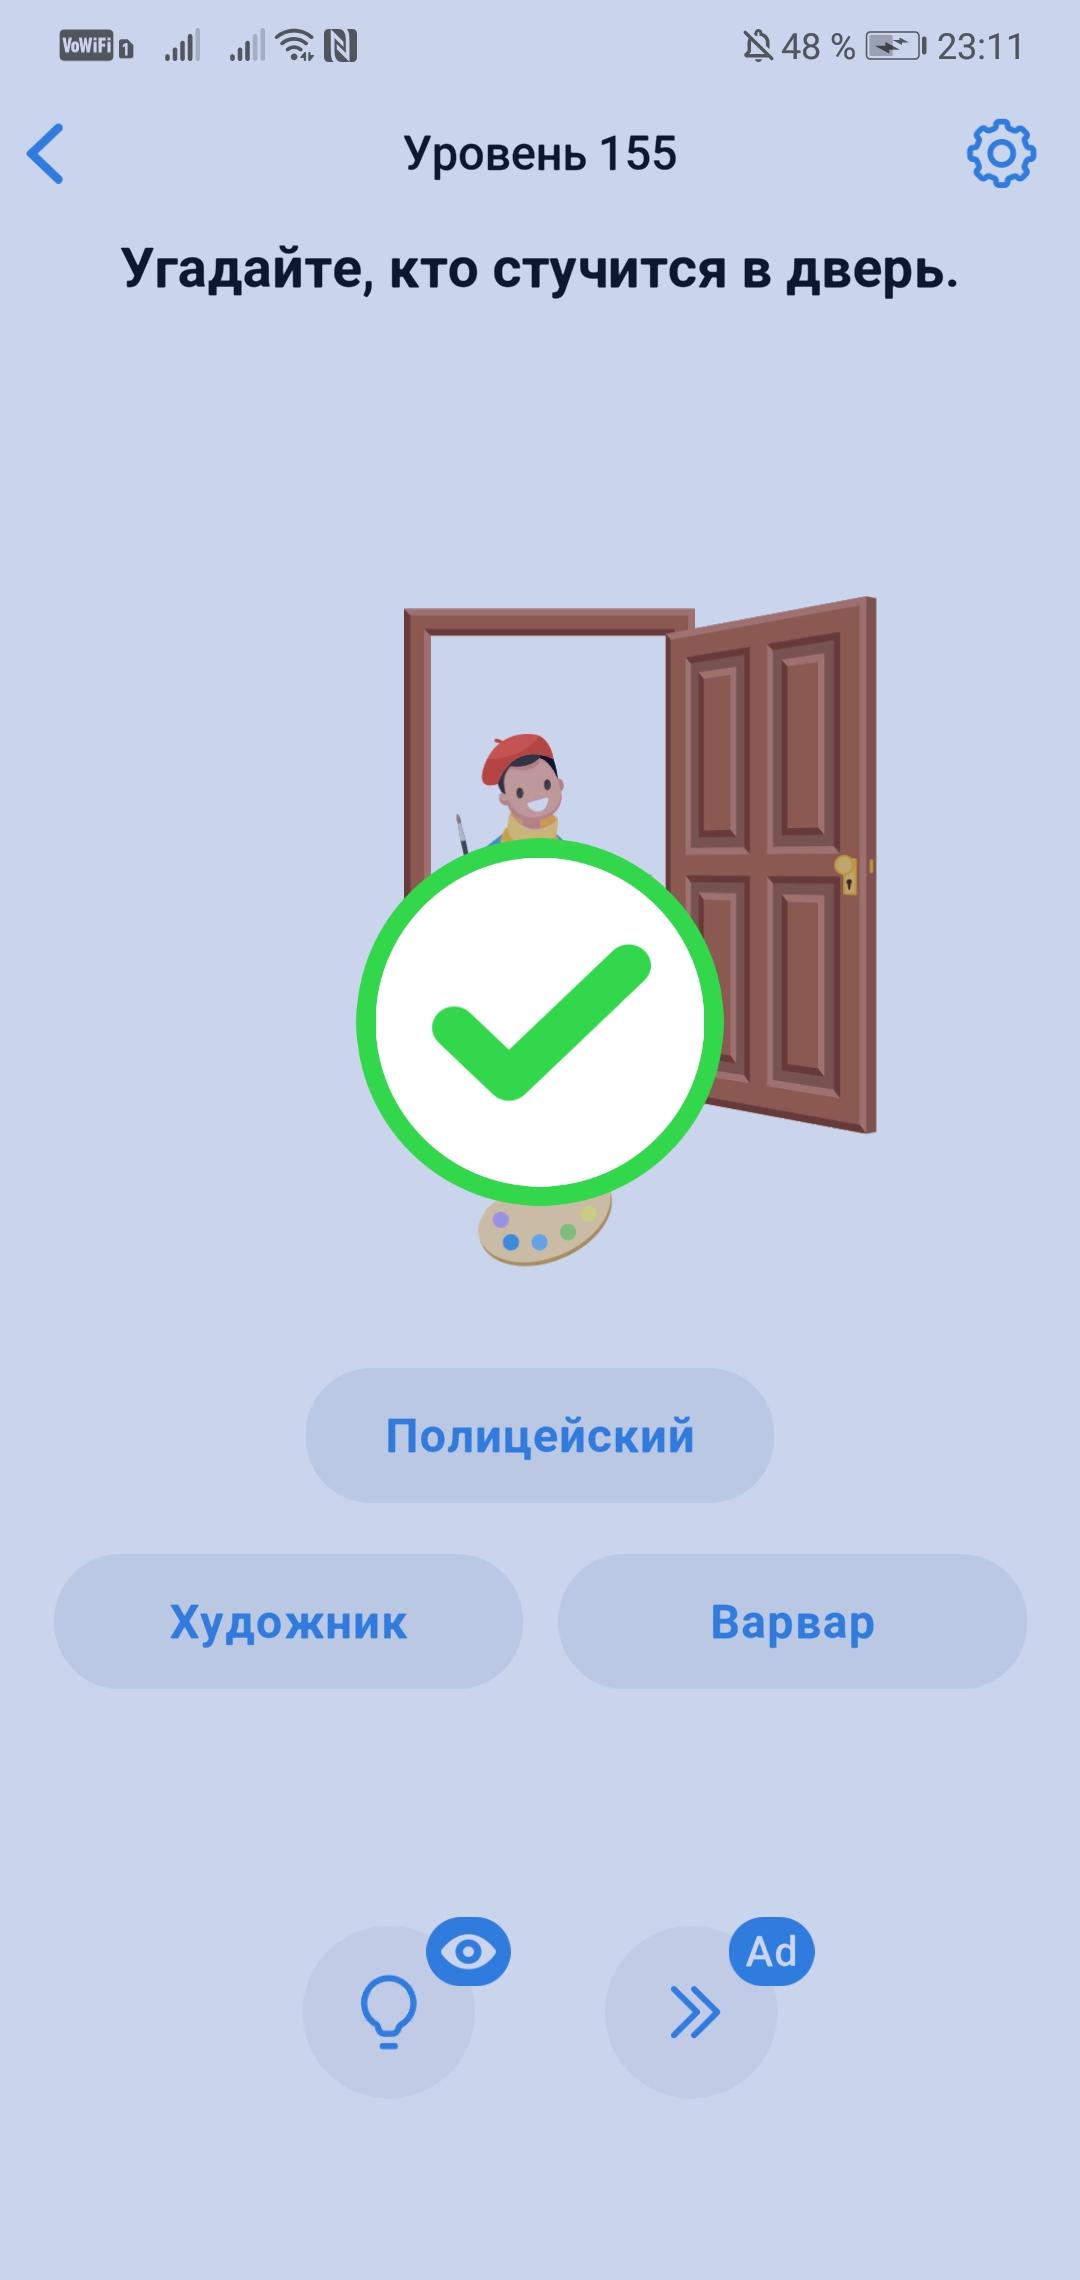 Easy Game - 155 уровень - Угадайте, кто стучится в дверь.